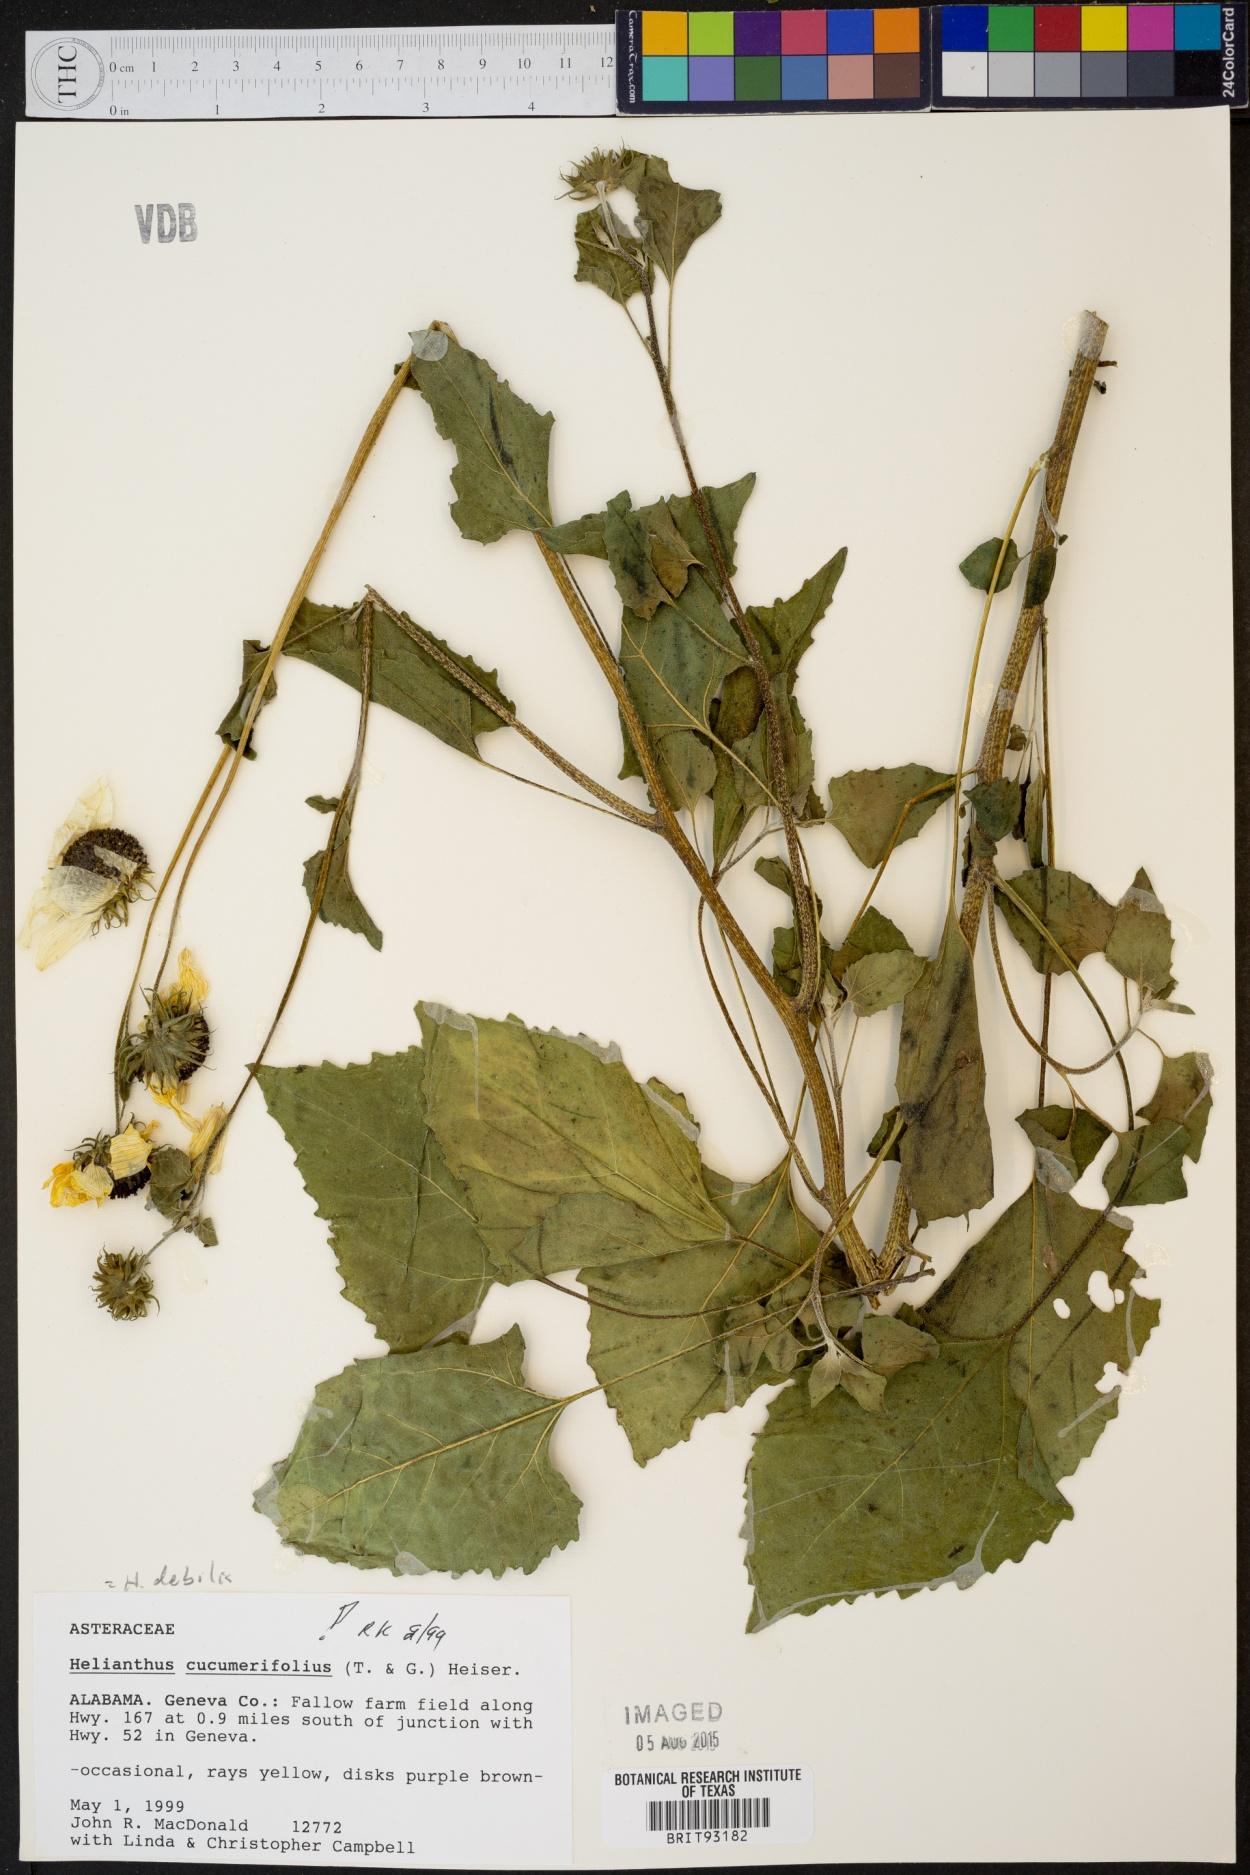 Helianthus cucumerifolius image